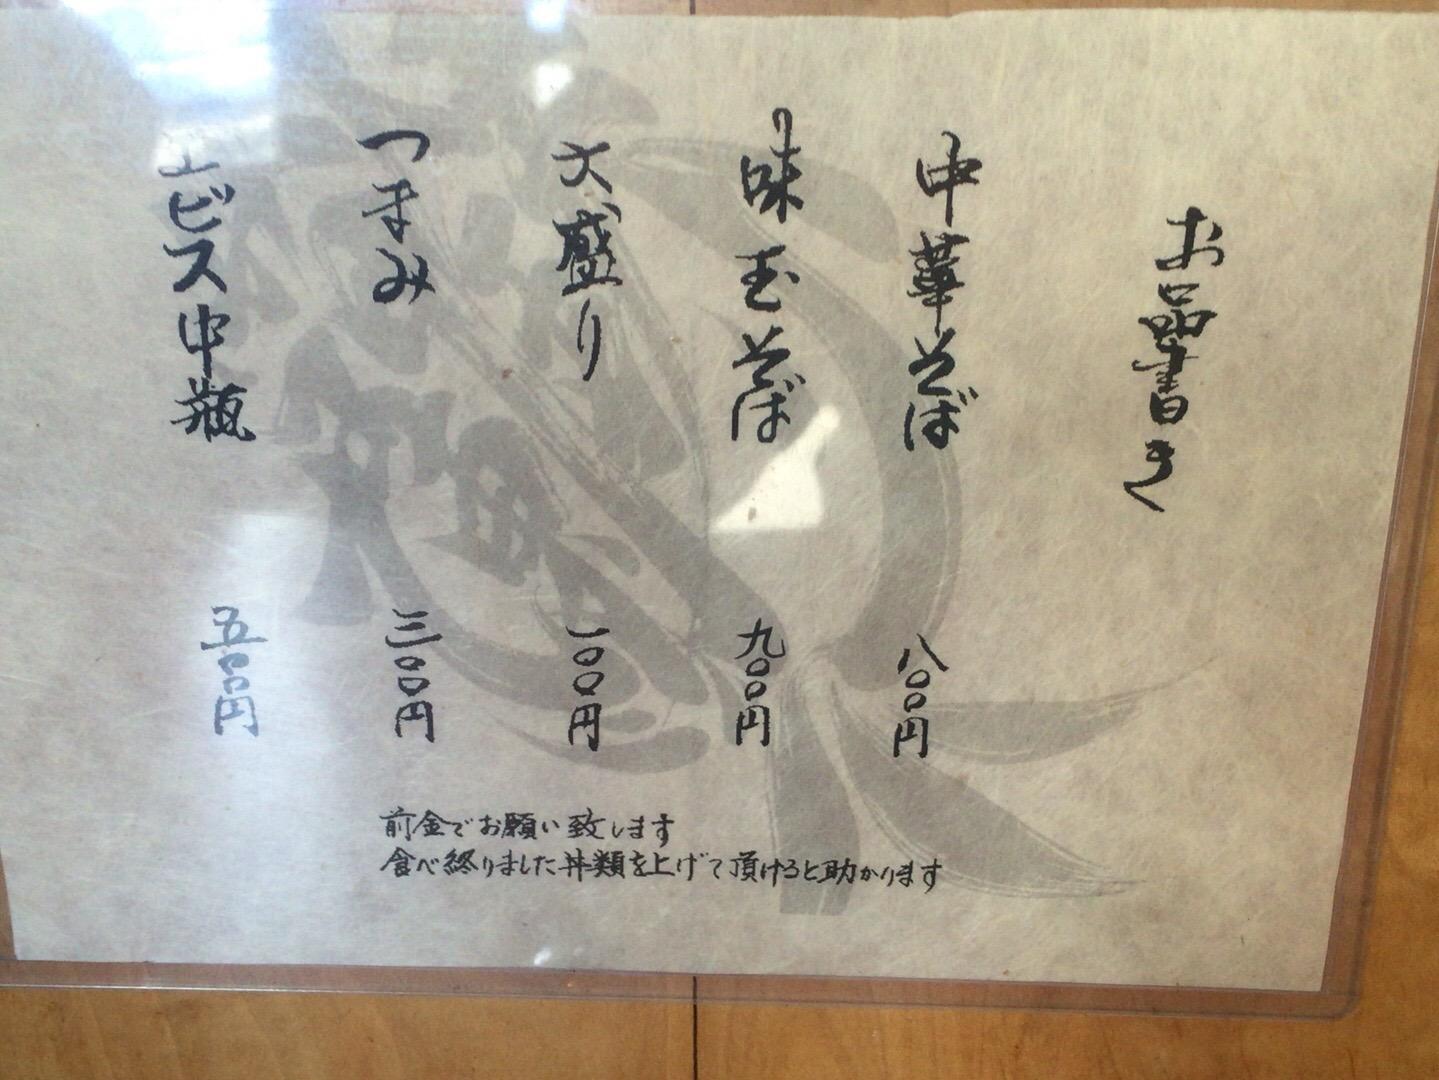 中華蕎麦 蘭鋳のメニュー